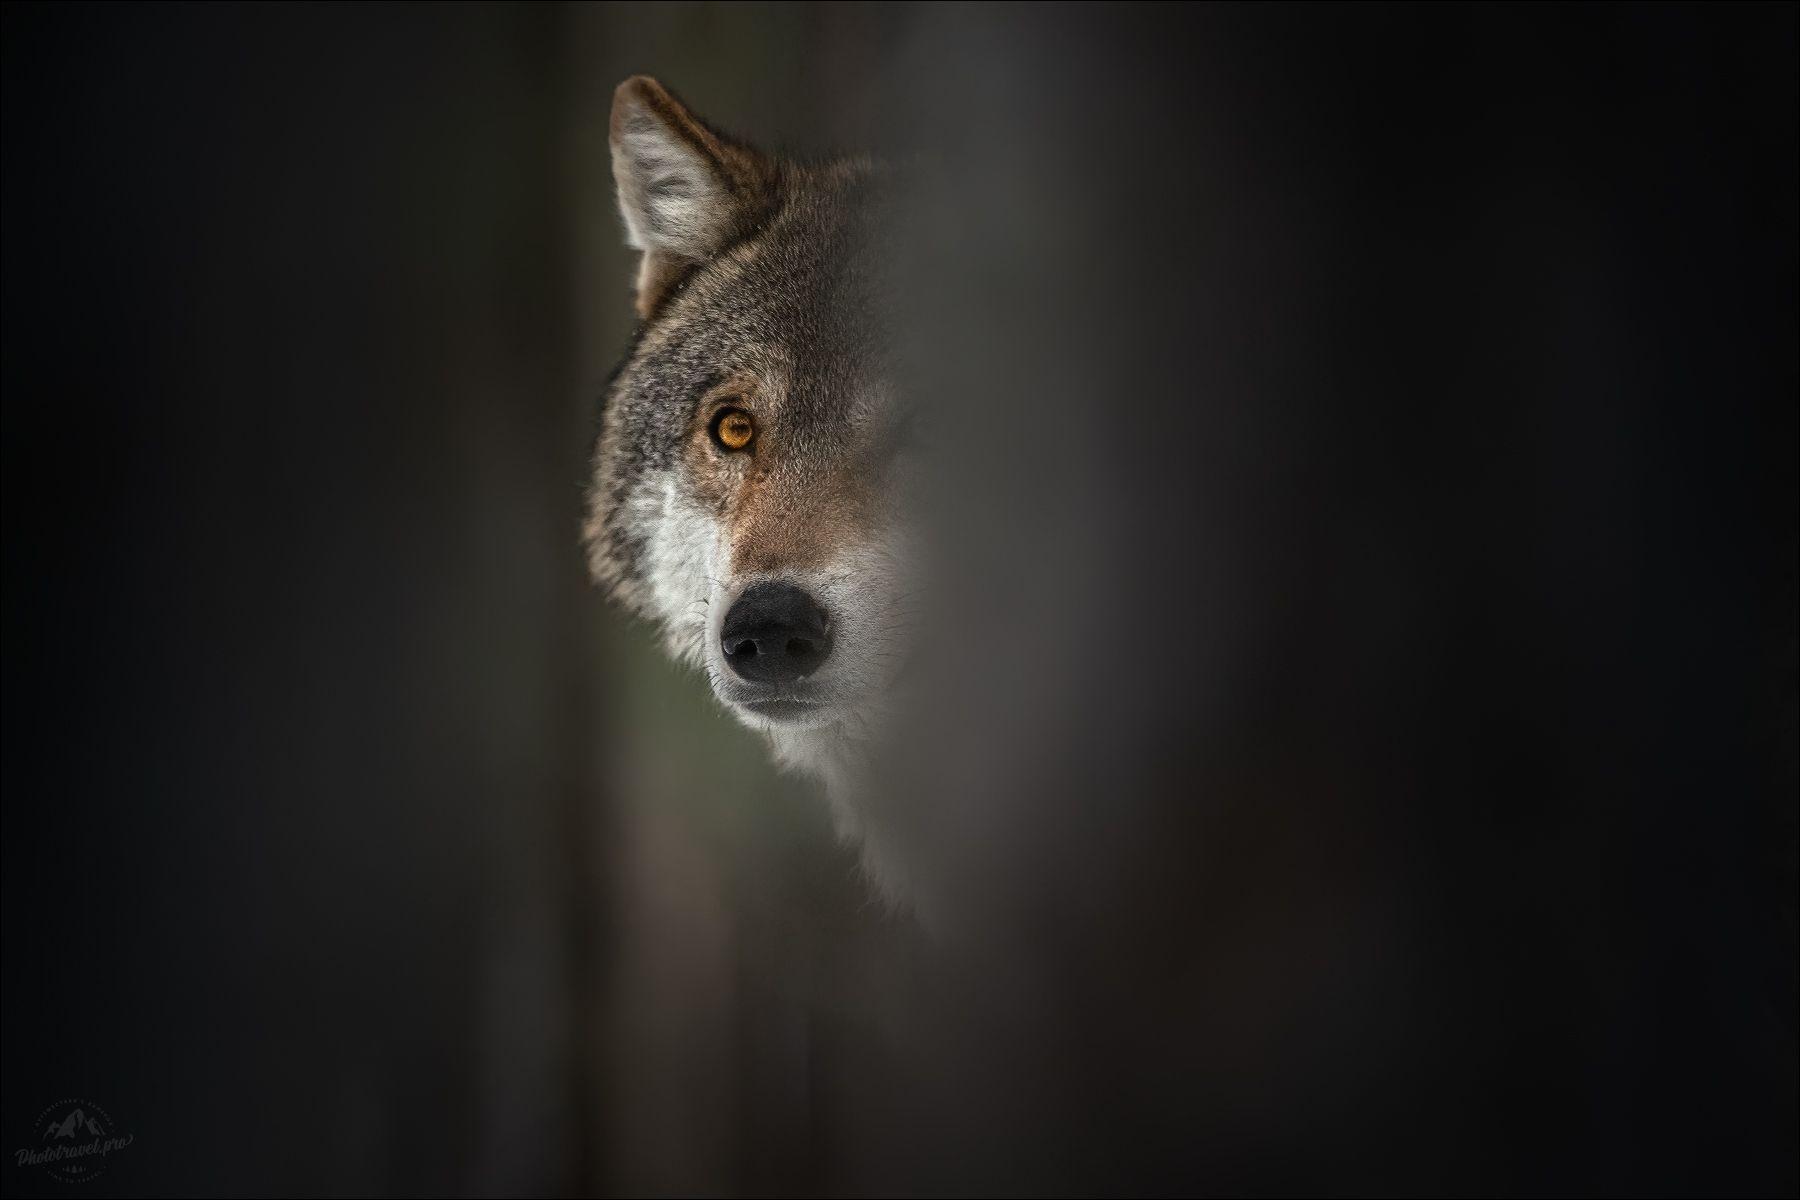 ВЗГЛЯД волк wolf красная шапочка беларусь красный бор фототур в фотоохота canis lupus red riding hood серый обыкновенный евразийский европейский